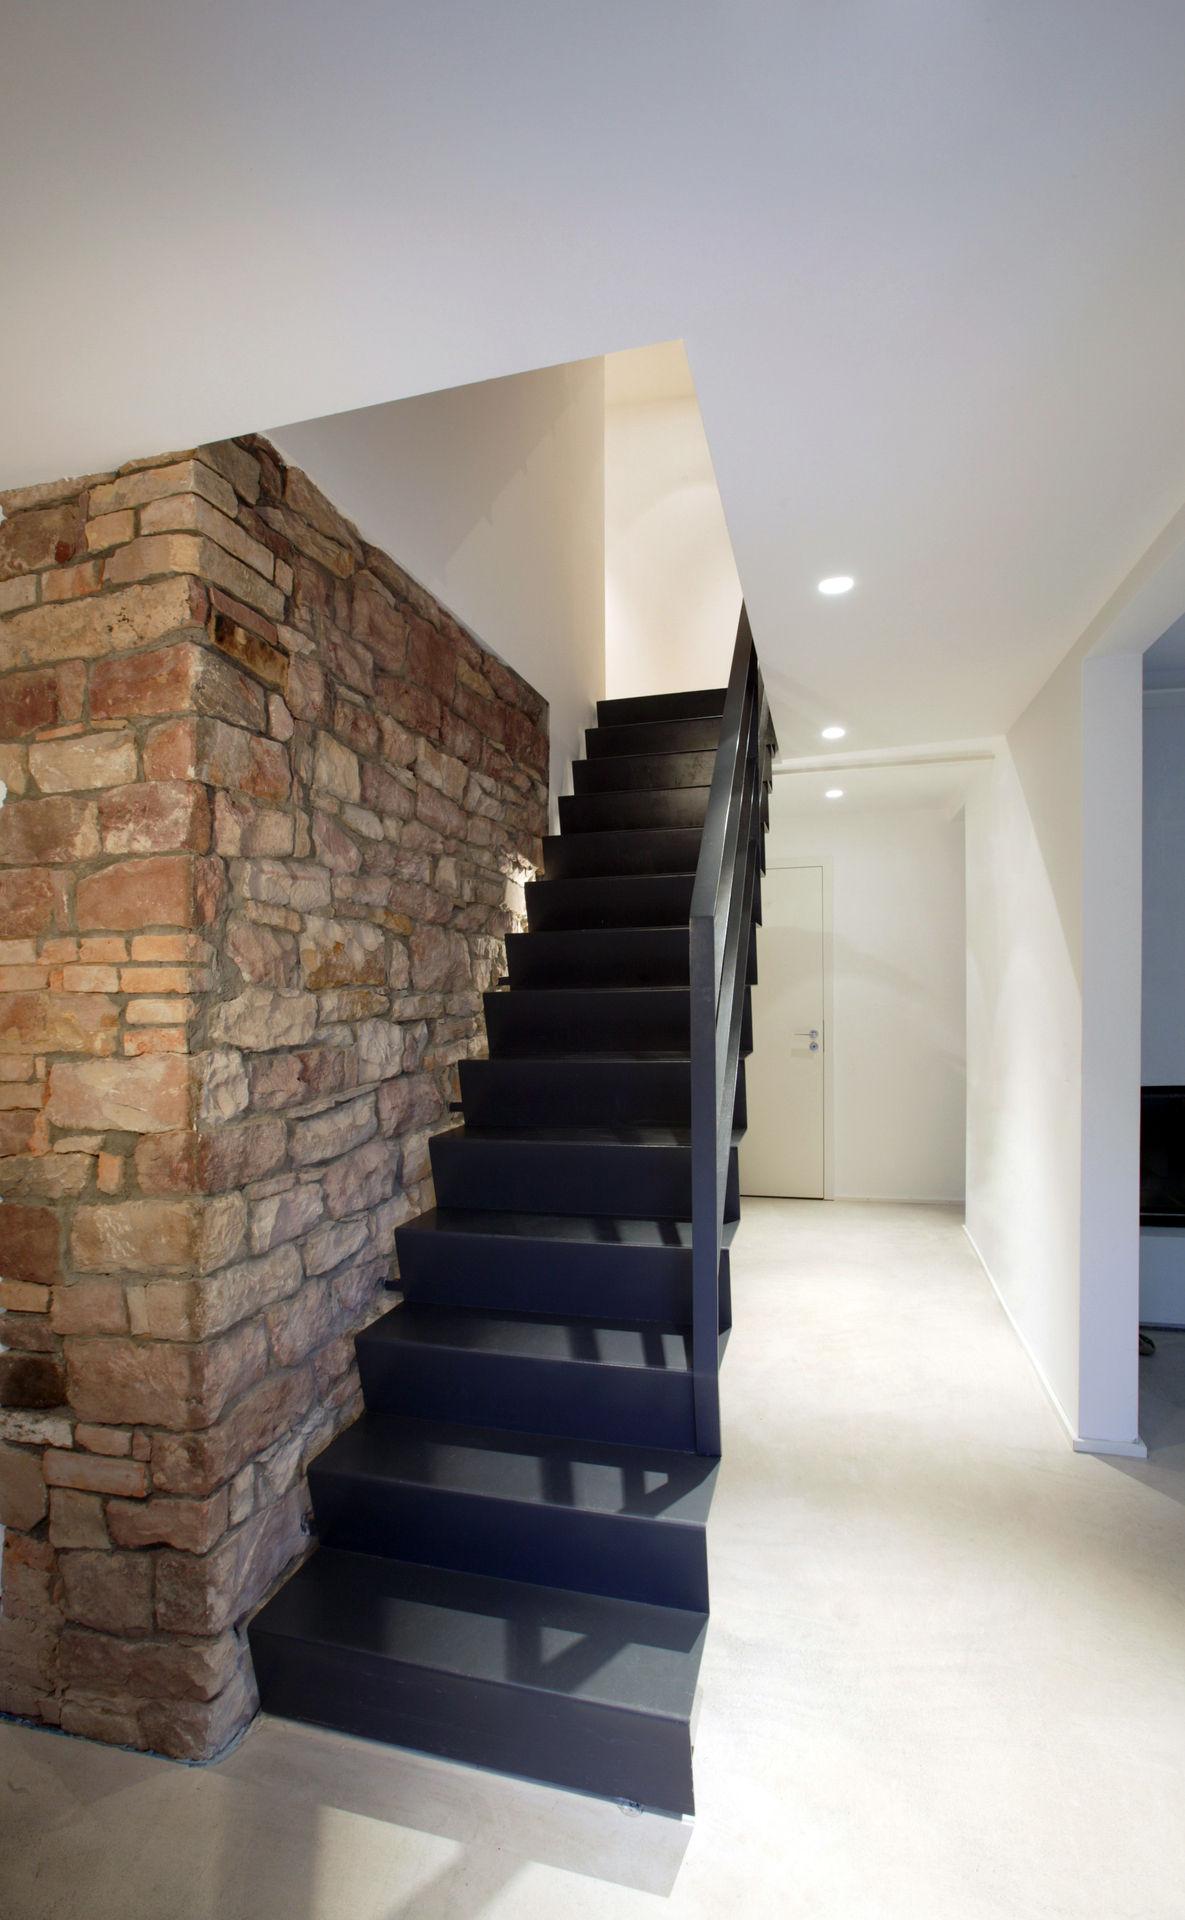 moderne treppe vor freigelegtem mauerwerk. Black Bedroom Furniture Sets. Home Design Ideas